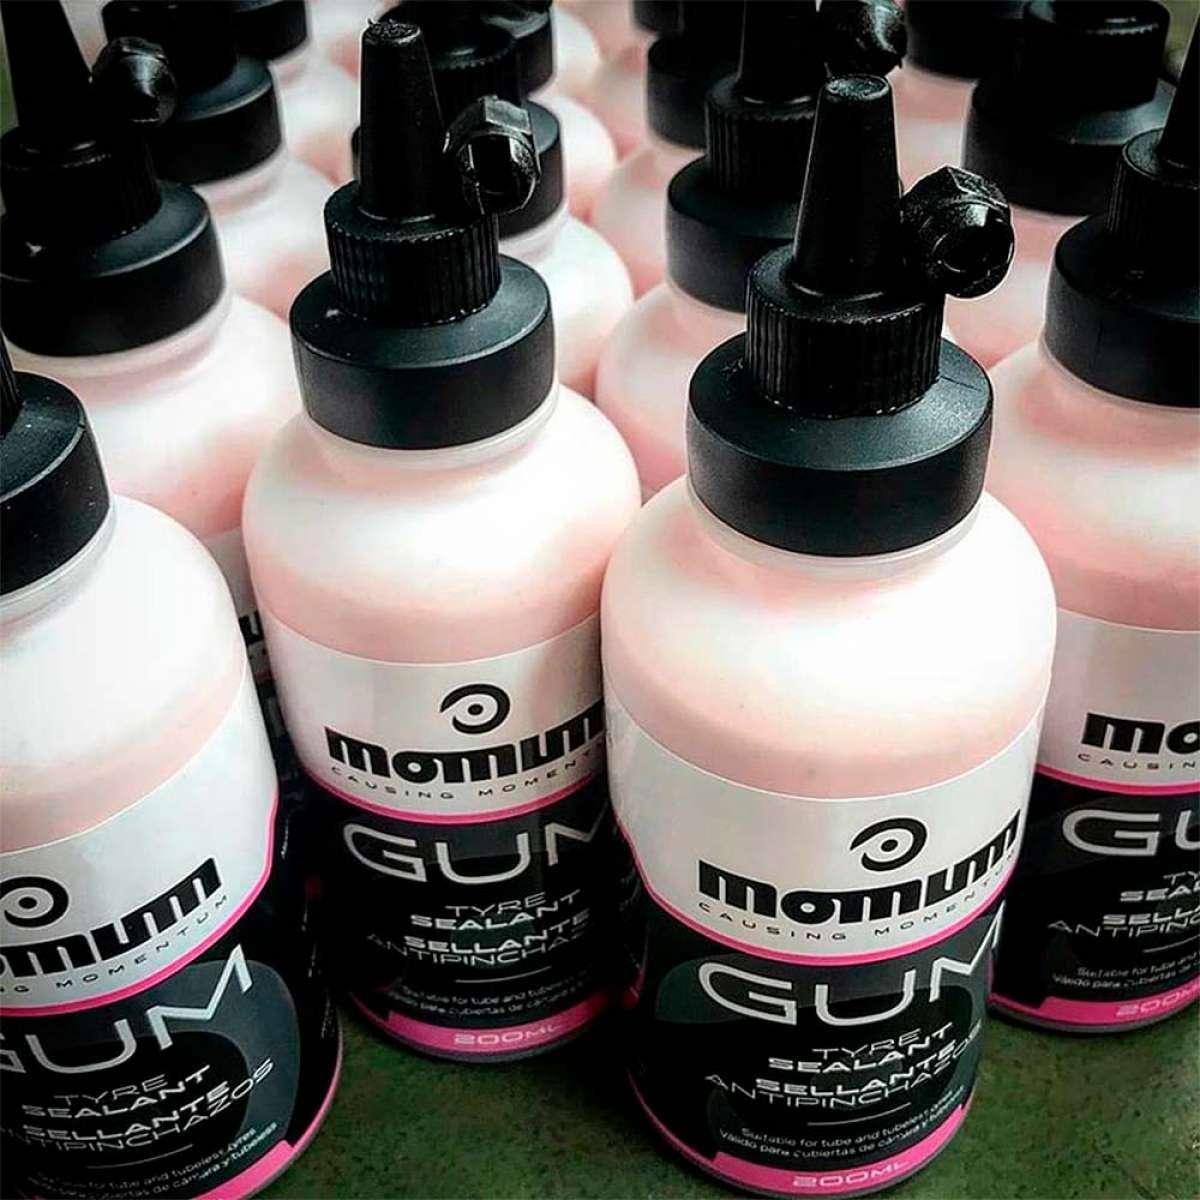 Momum GUM, un líquido sellante que promete una alta capacidad de sellado y larga durabilidad